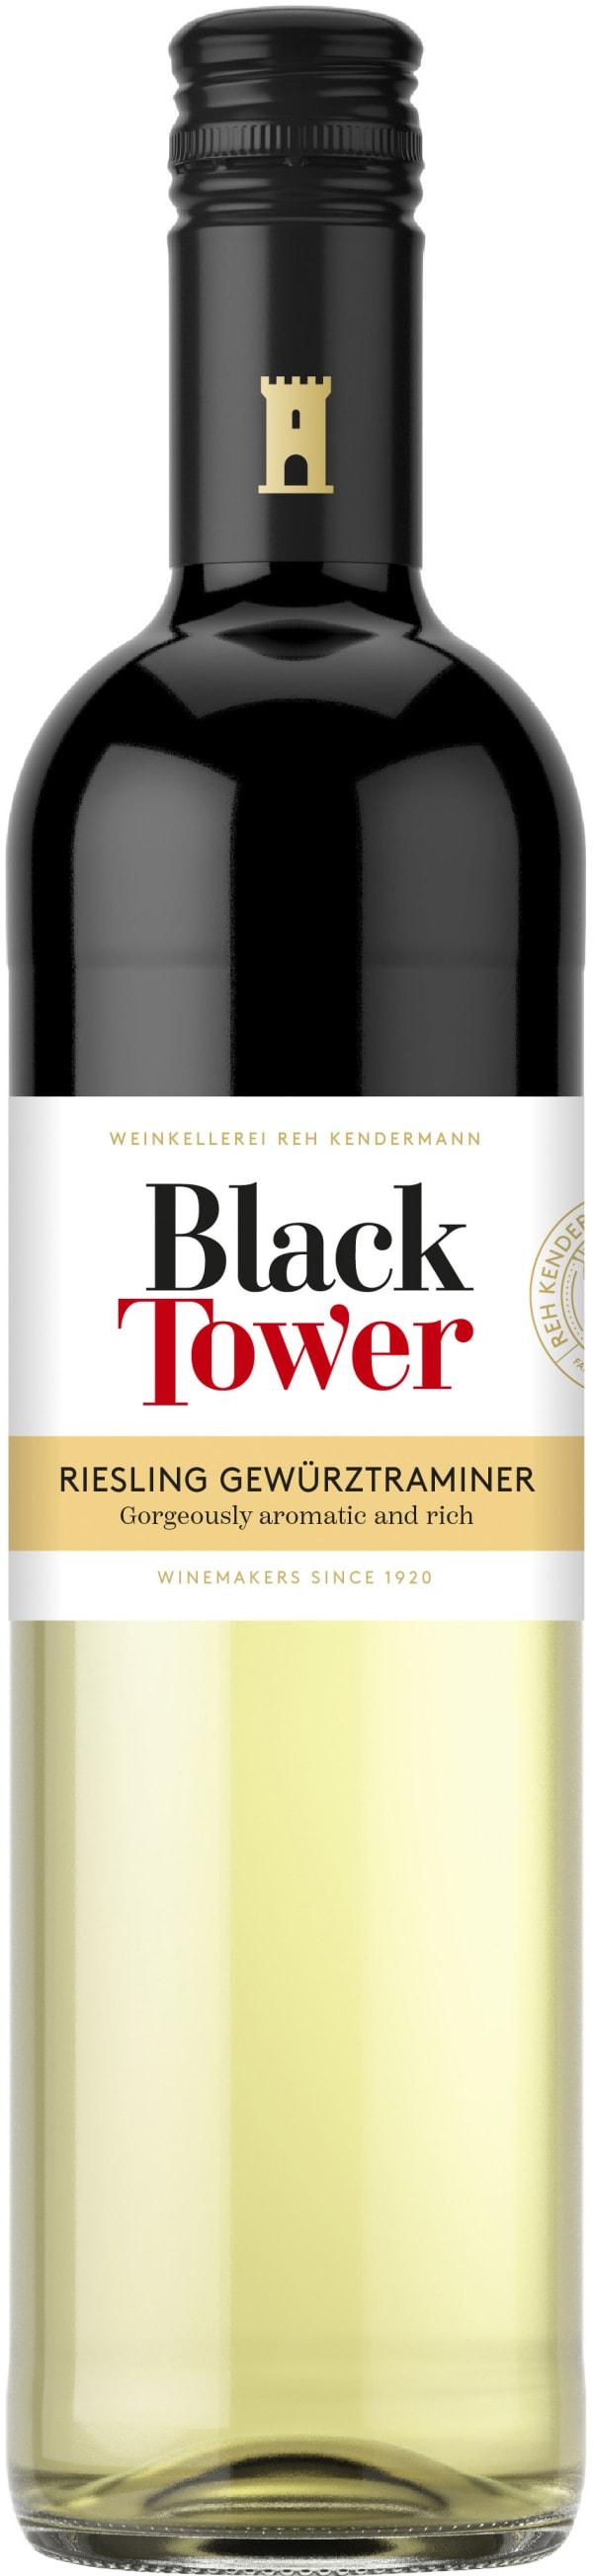 Black Tower Riesling Gewürztraminer 2016